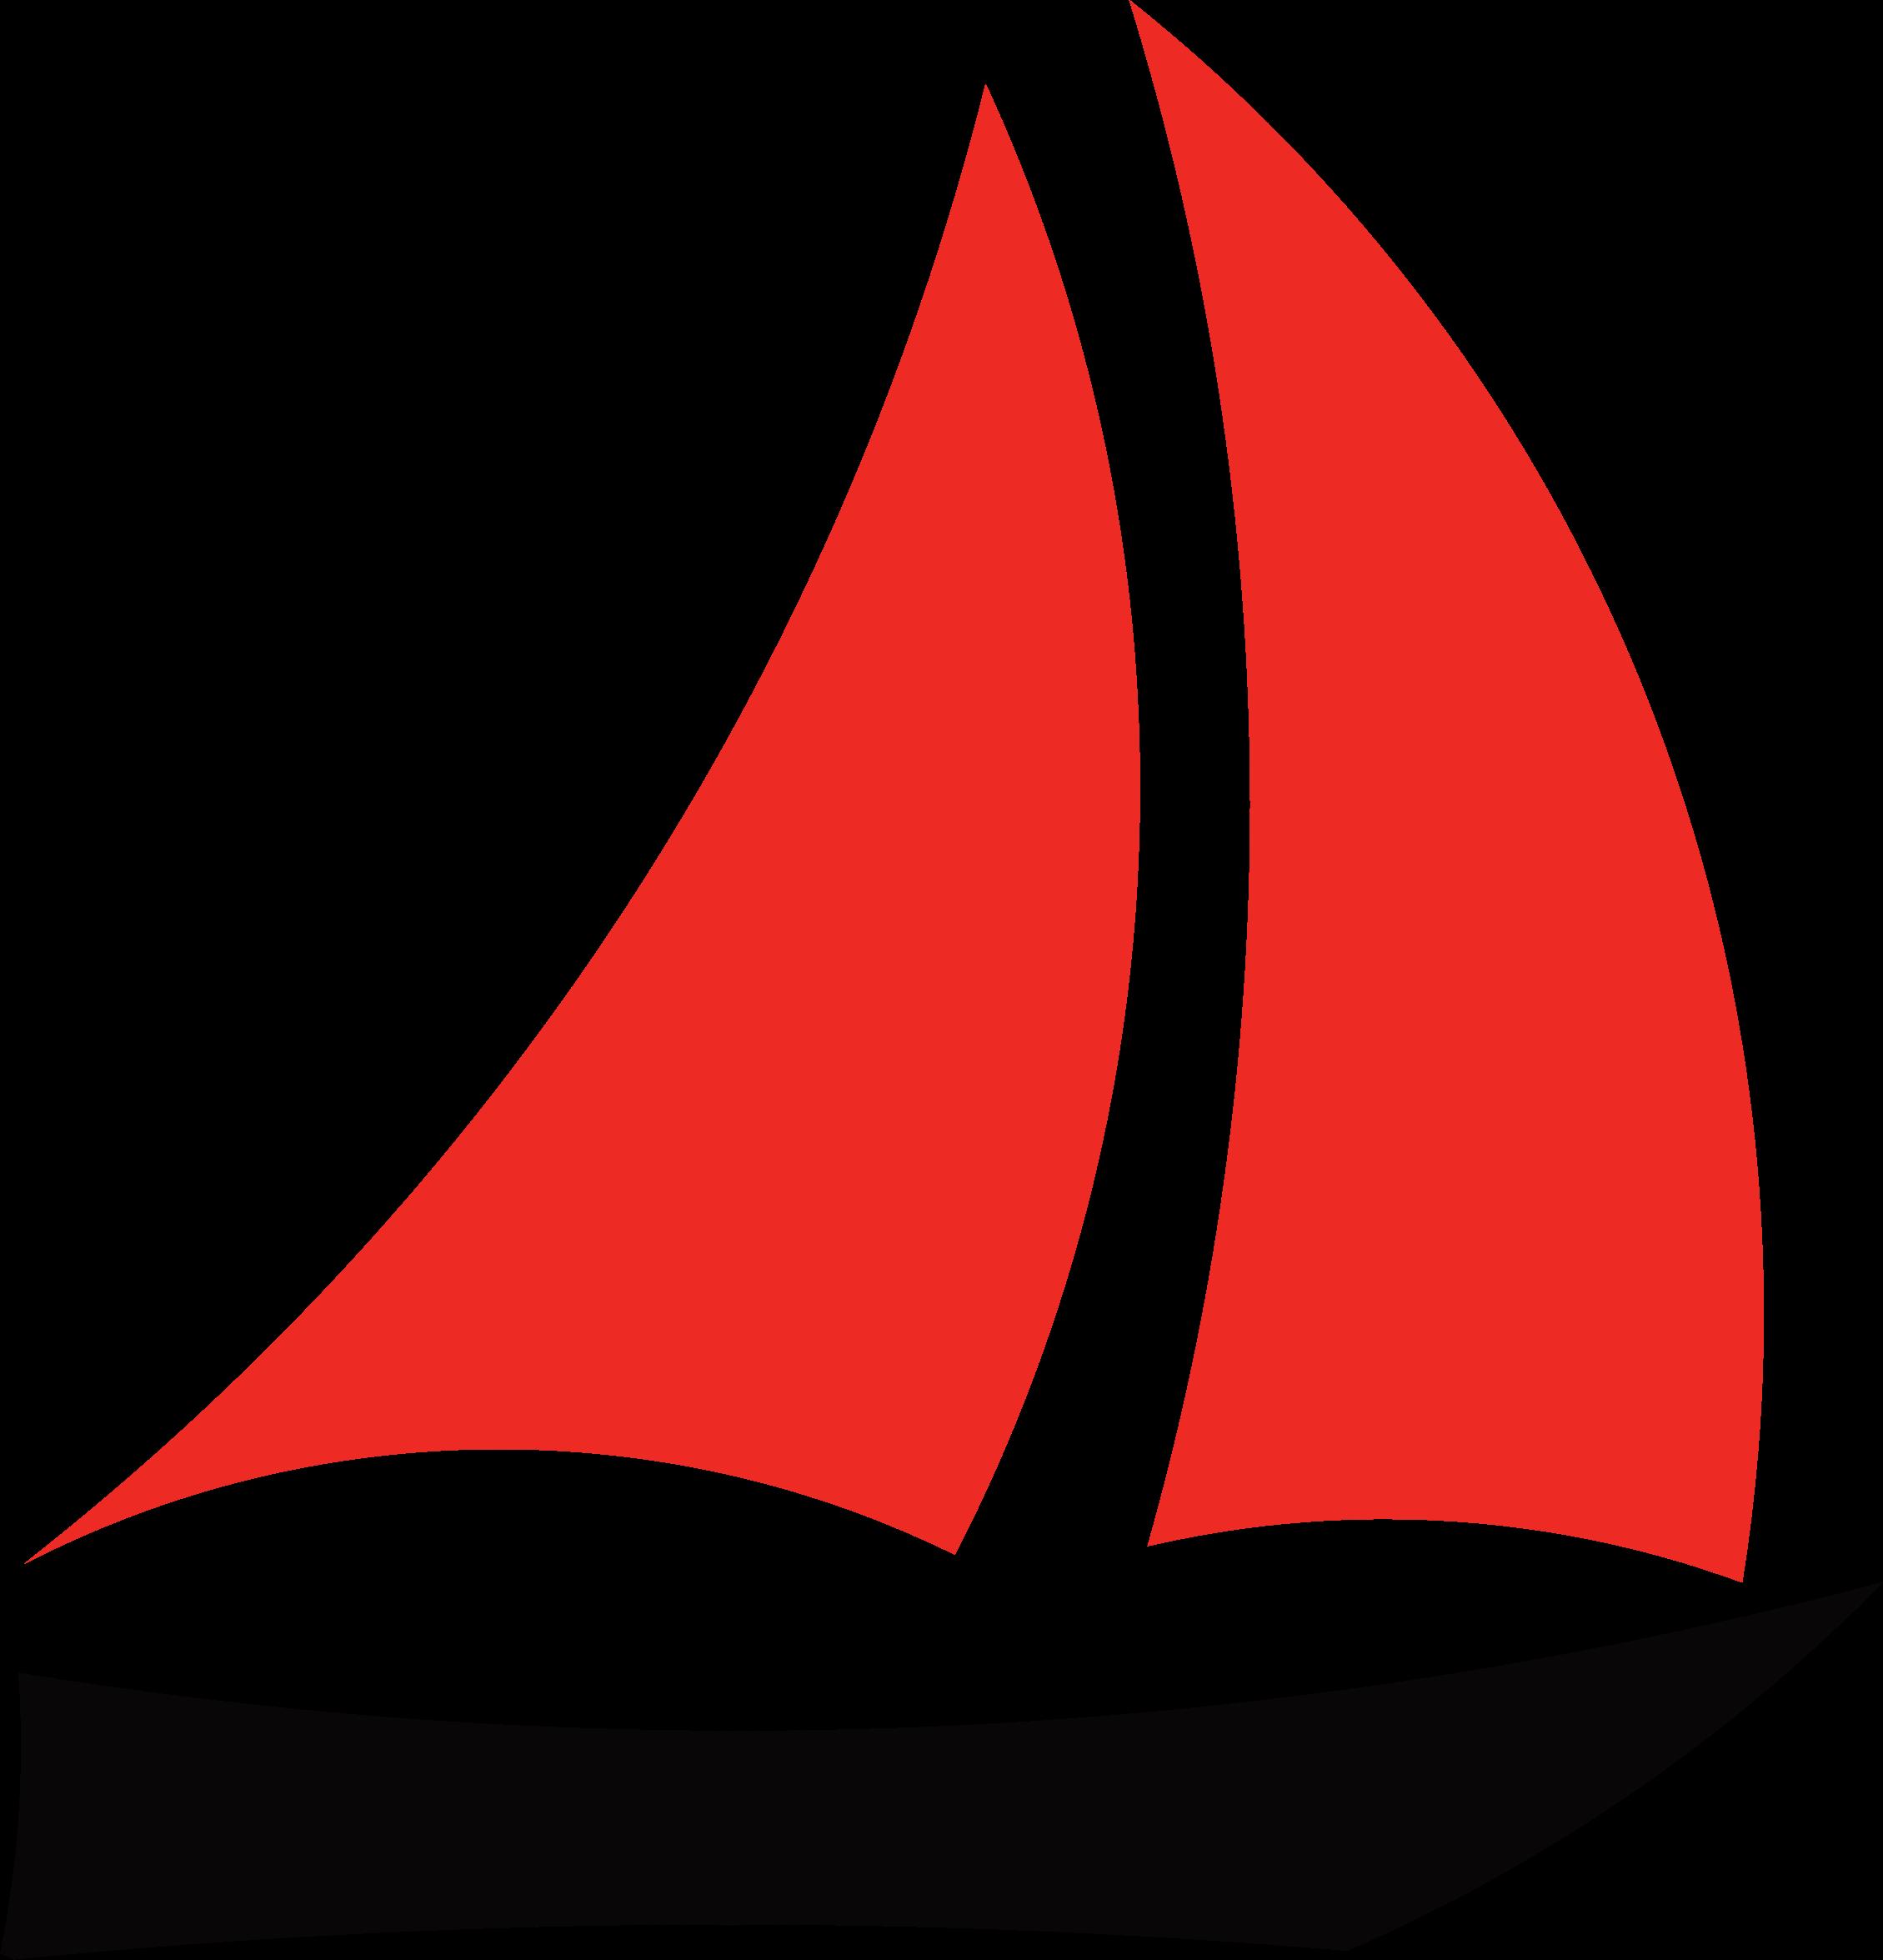 Boats clipart symbol. Gridct boat logo big